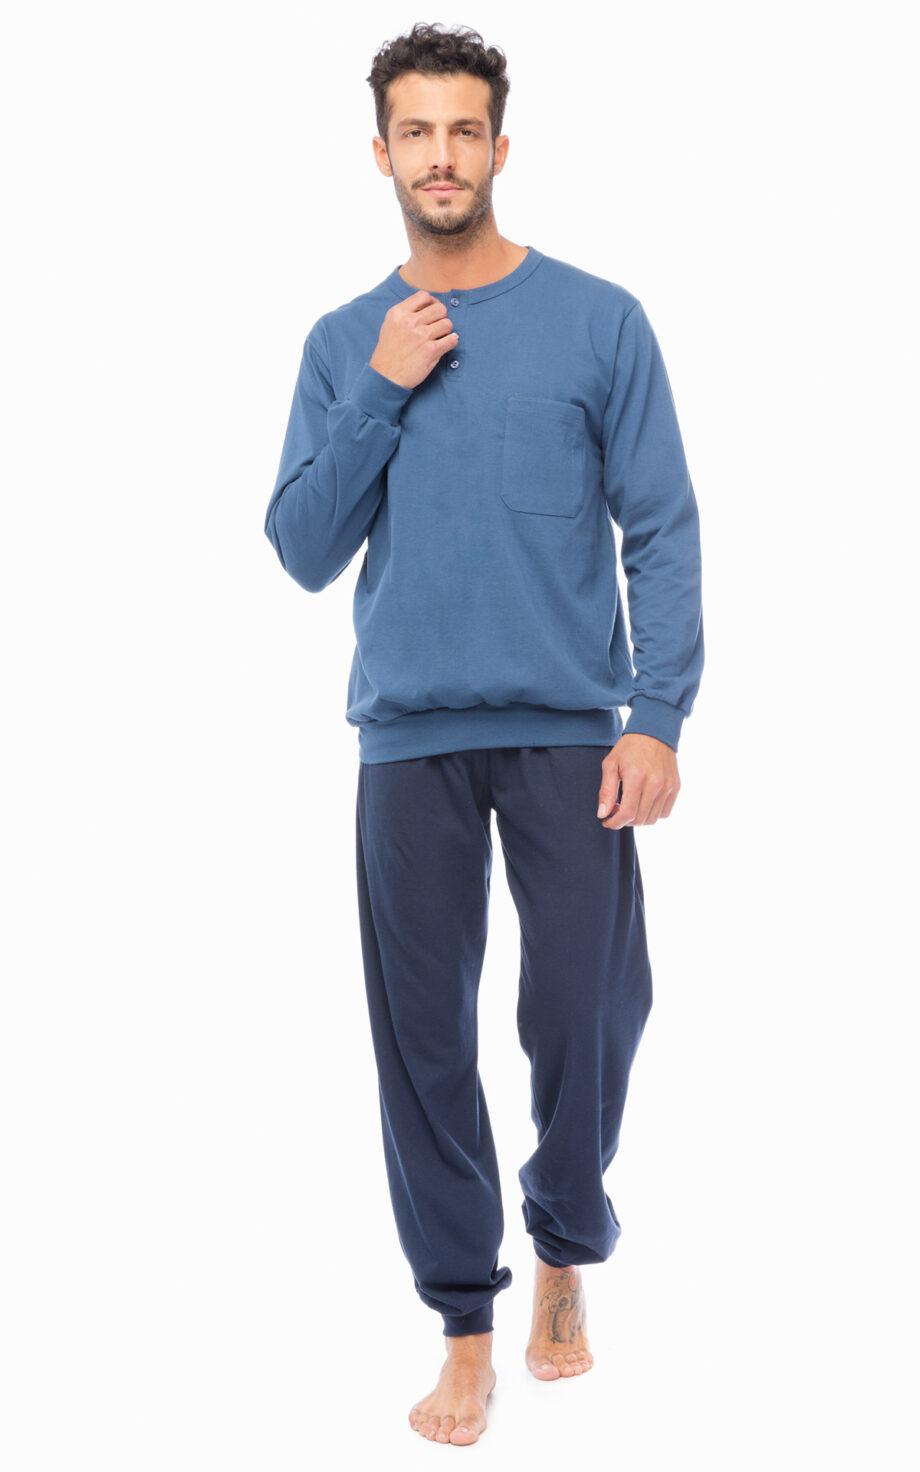 90-70826_386-Plain-pijama-man-με-πατιλέτα-τσέπη.jpg